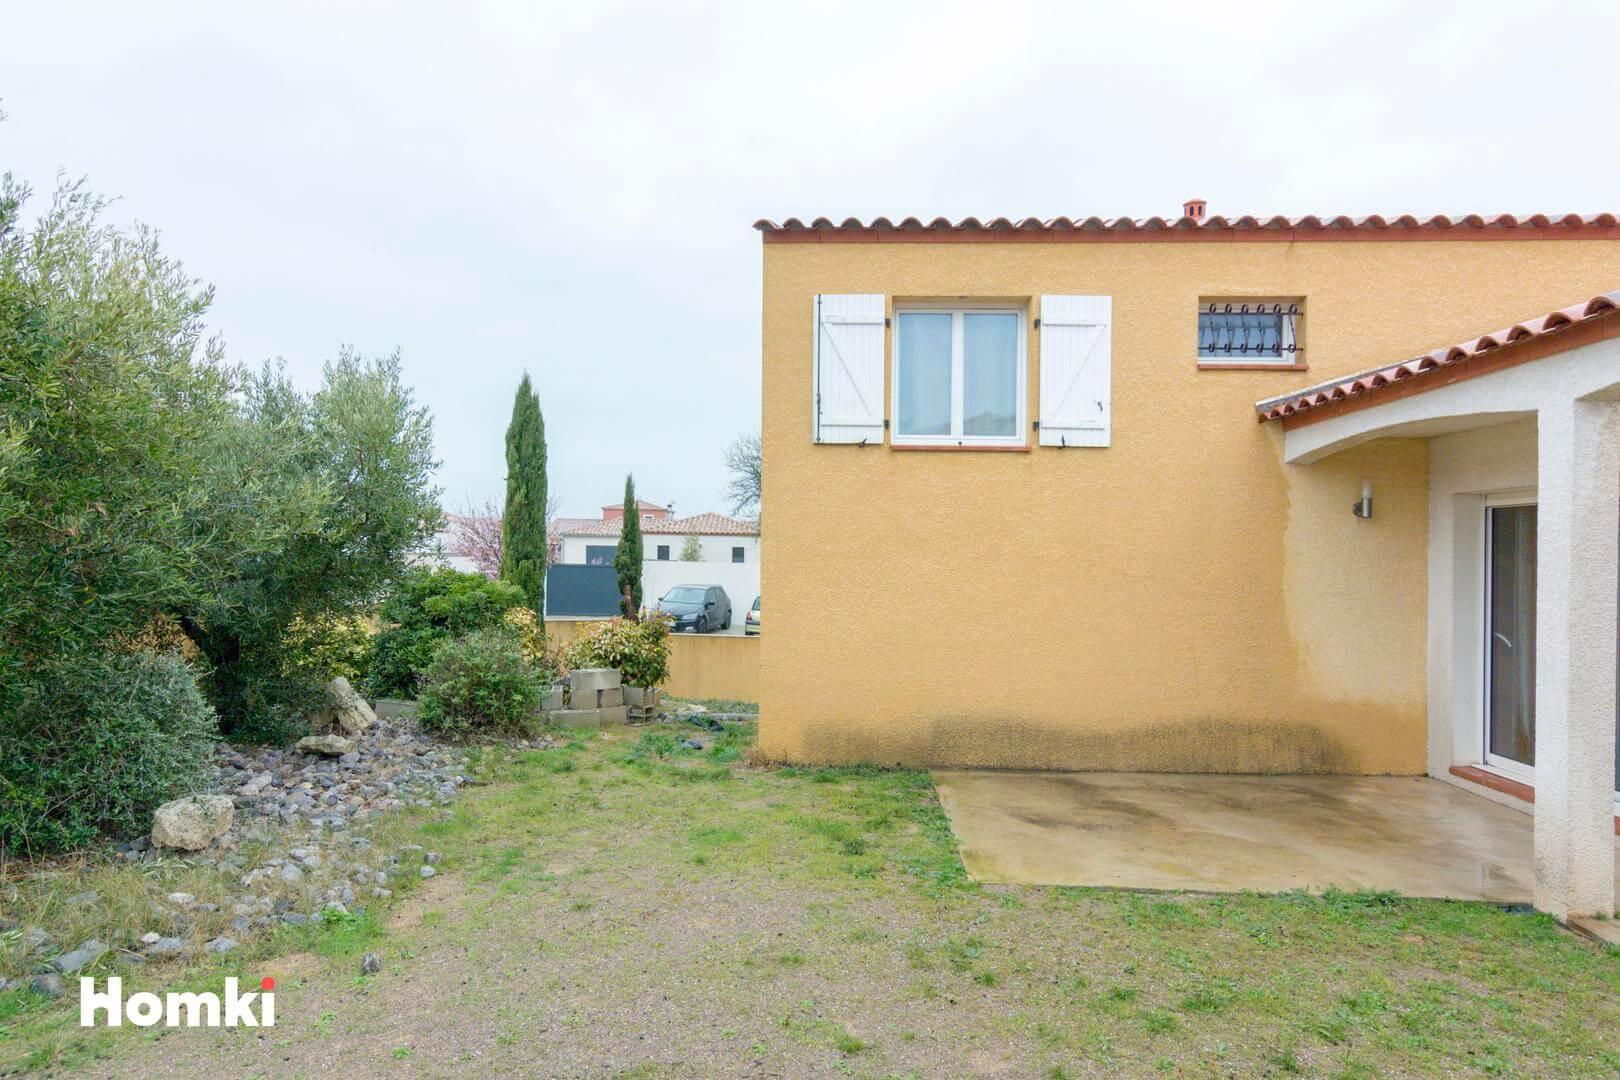 Homki - Vente Maison/villa  de 110.0 m² à Sigean 11130